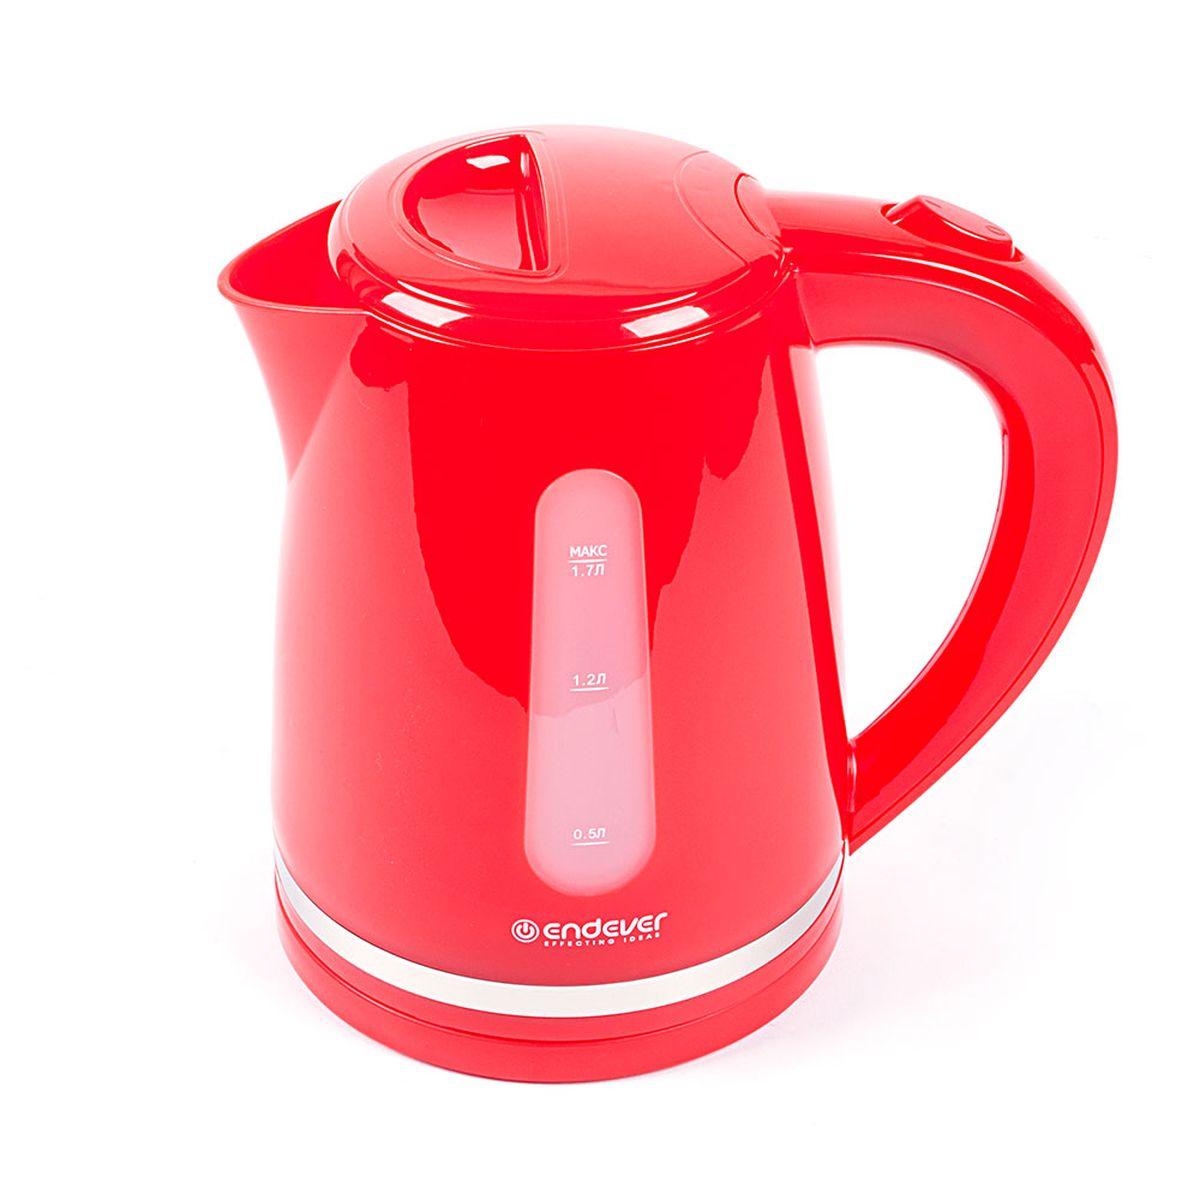 Endever KR-228 Skyline электрический чайник